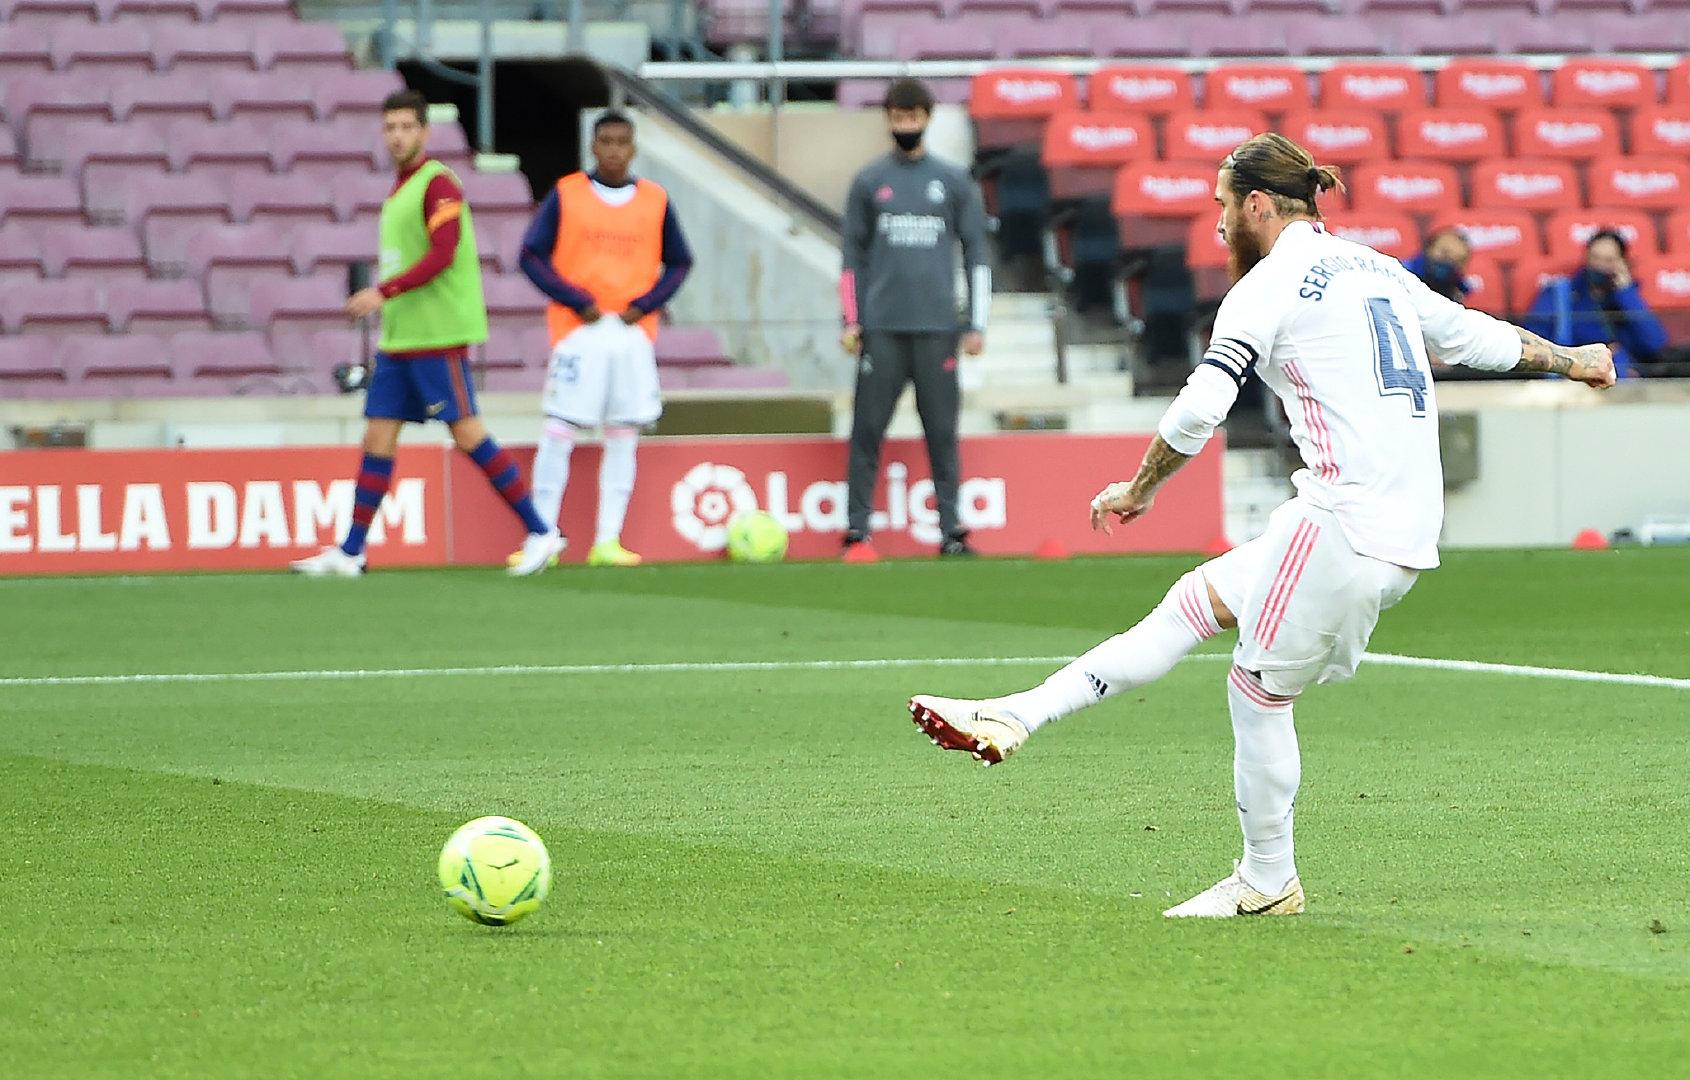 双方闪电进球魔笛绝杀 巴塞罗那 1-3 皇家马德里